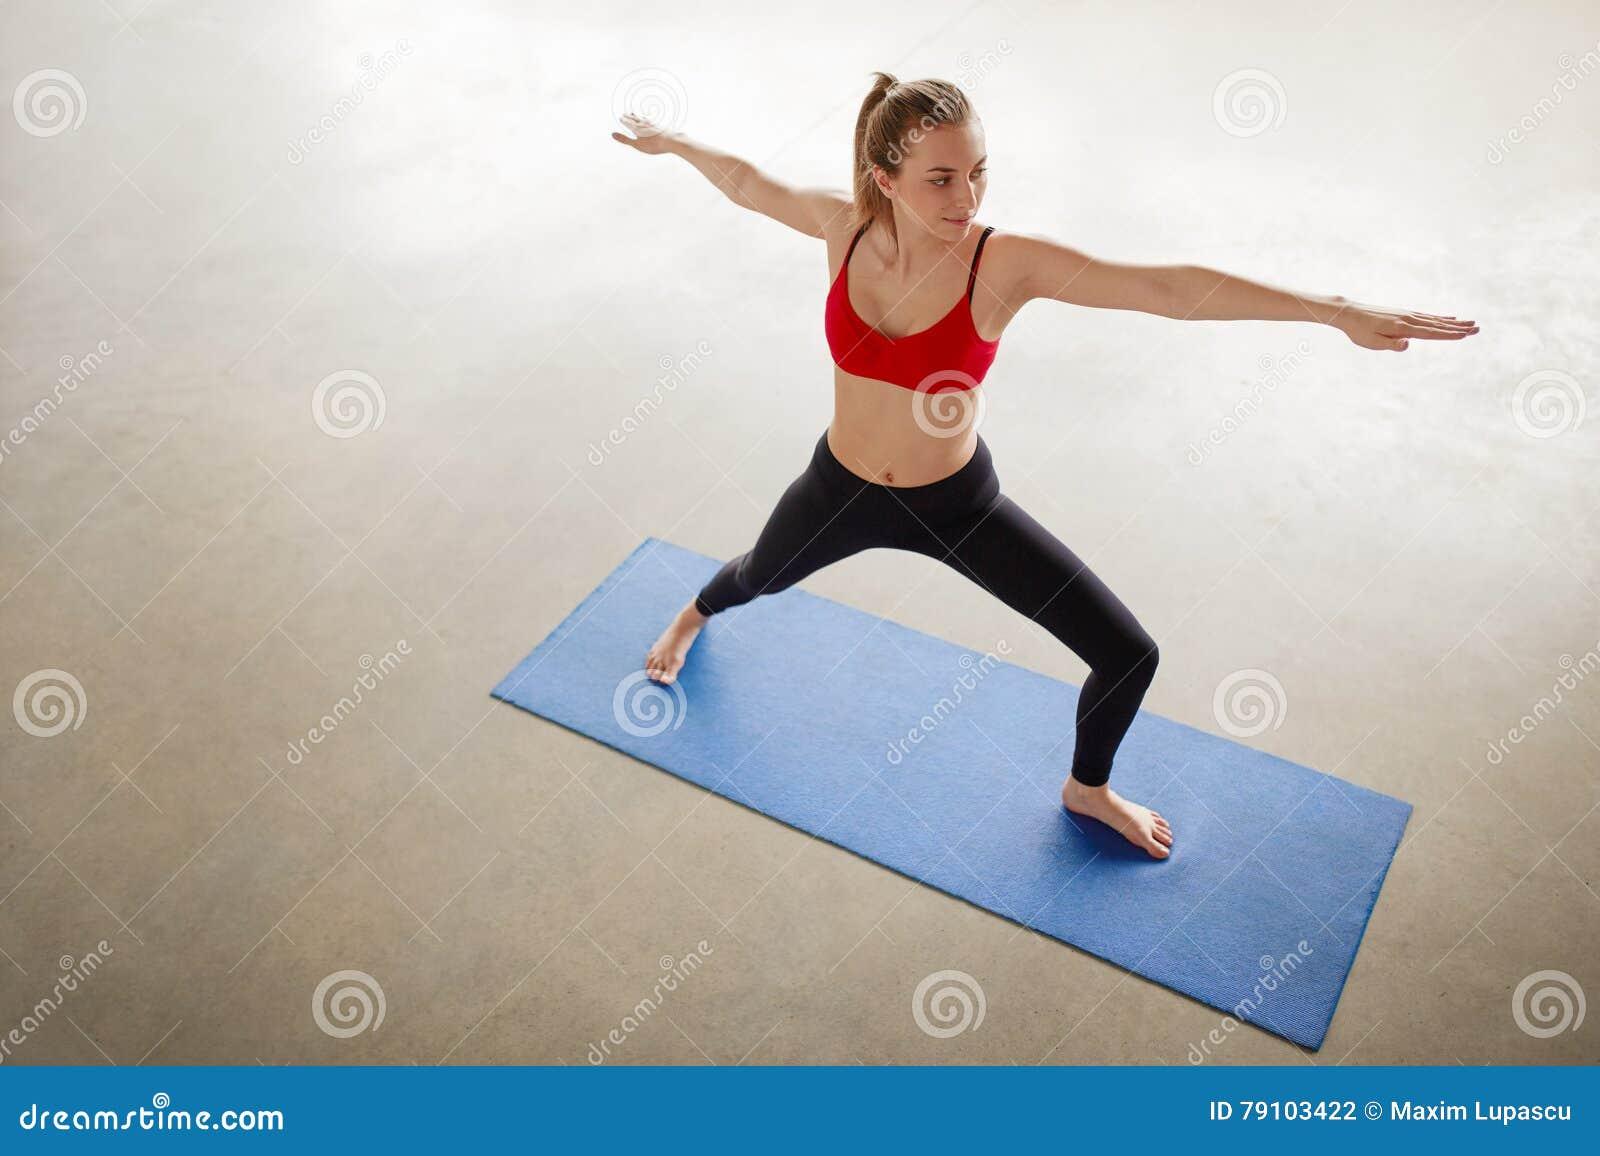 Позы в йоге для похудения